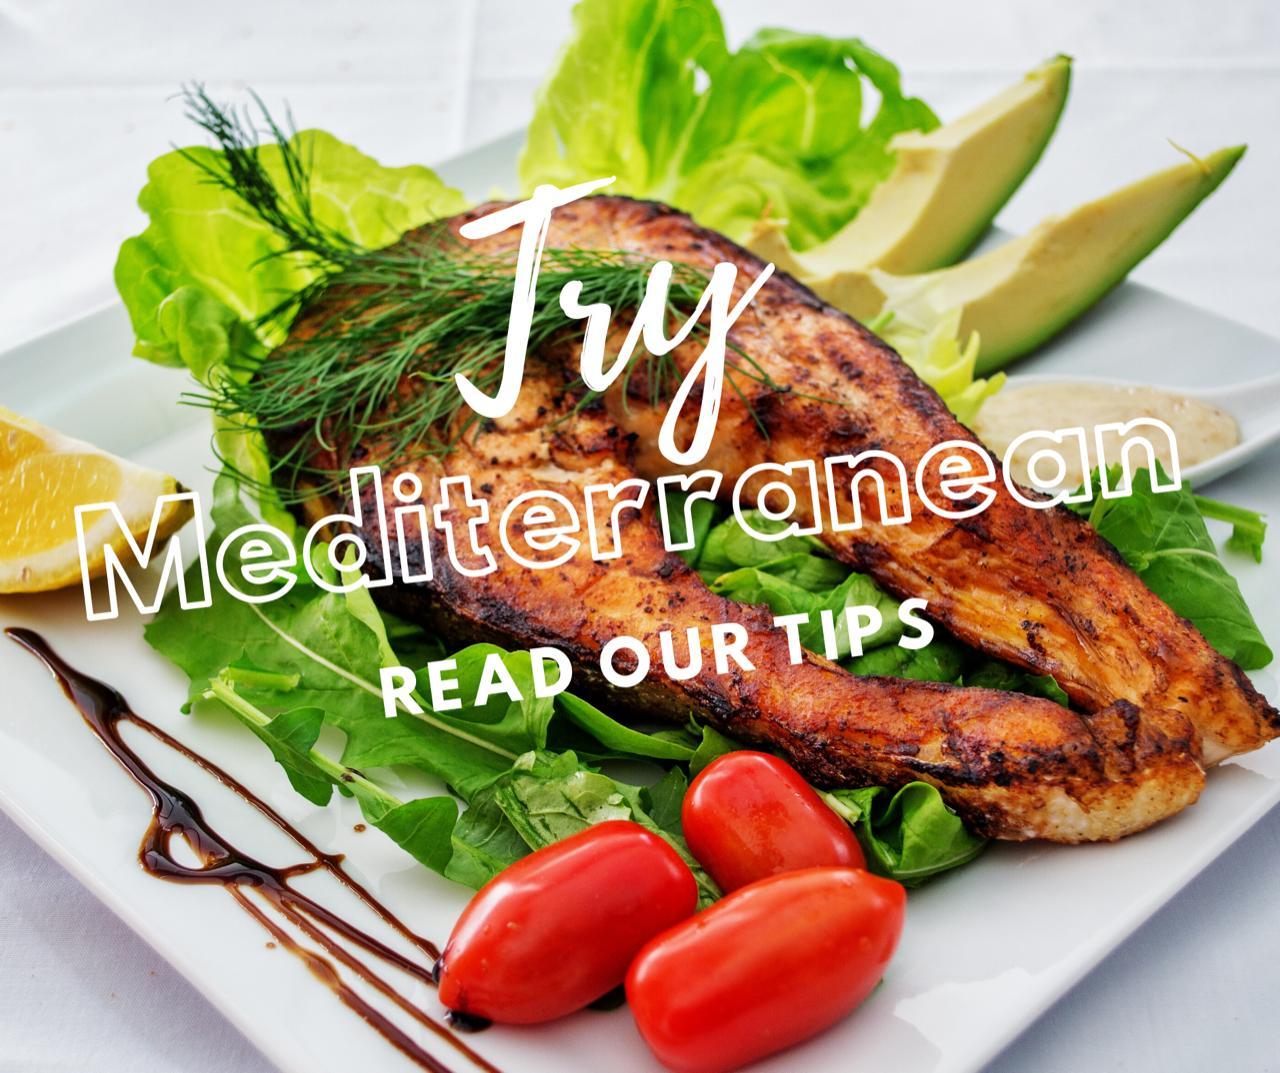 Публикация с тегами: Интересное, Спорт, Правильное питание, Диеты, Советы, Здоровье